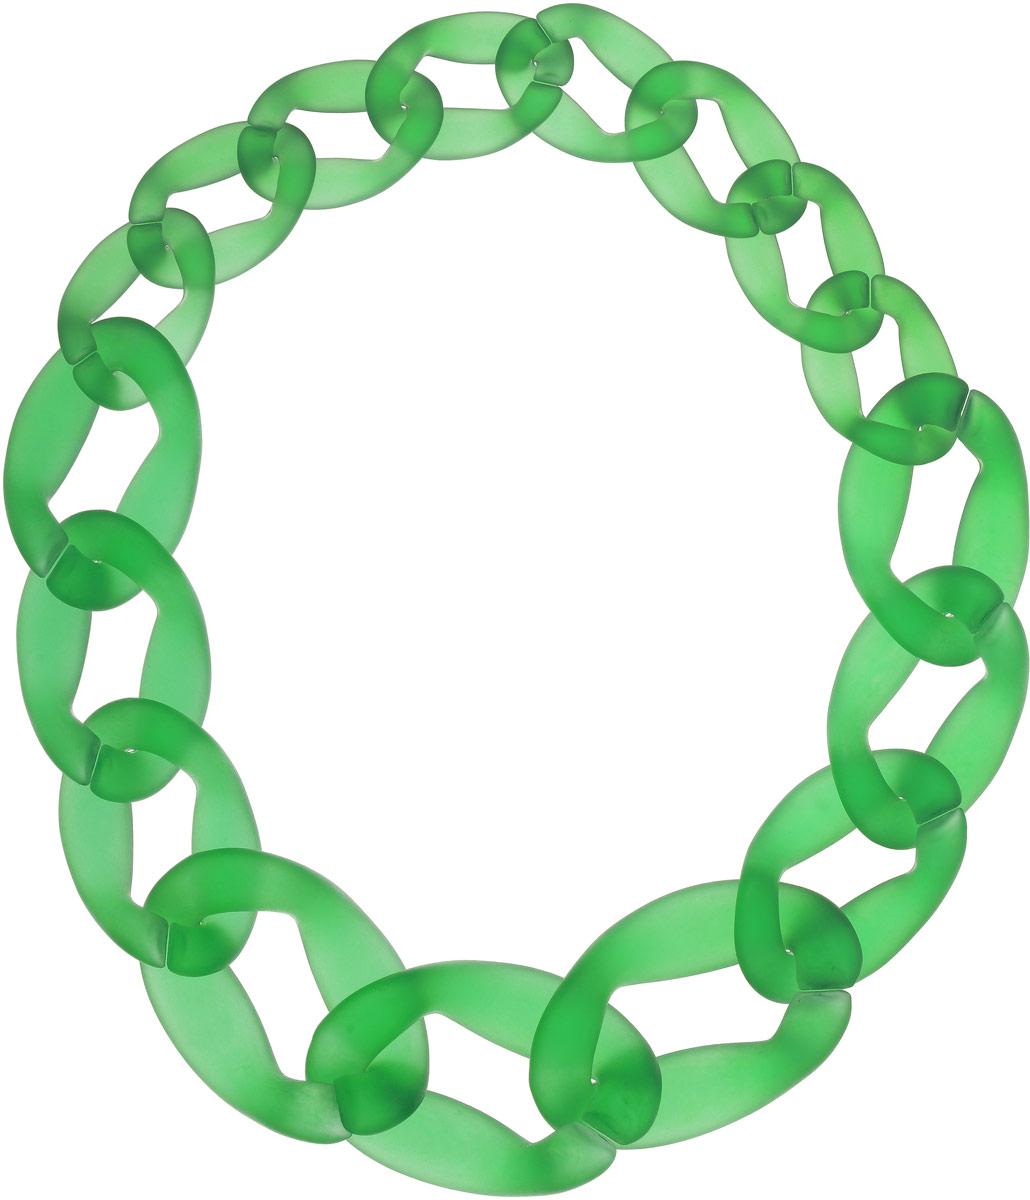 Колье Taya, цвет: зеленый. T-B-12030T-B-12030-NECK-GREENСупермодное украшение изготовлено из ювелирной смолы. Модель представляет собой сочетание колец различной формы. Кольца легко рассоединяются между собой. Каждое звено можно снять. Звенья крупнее к центру.